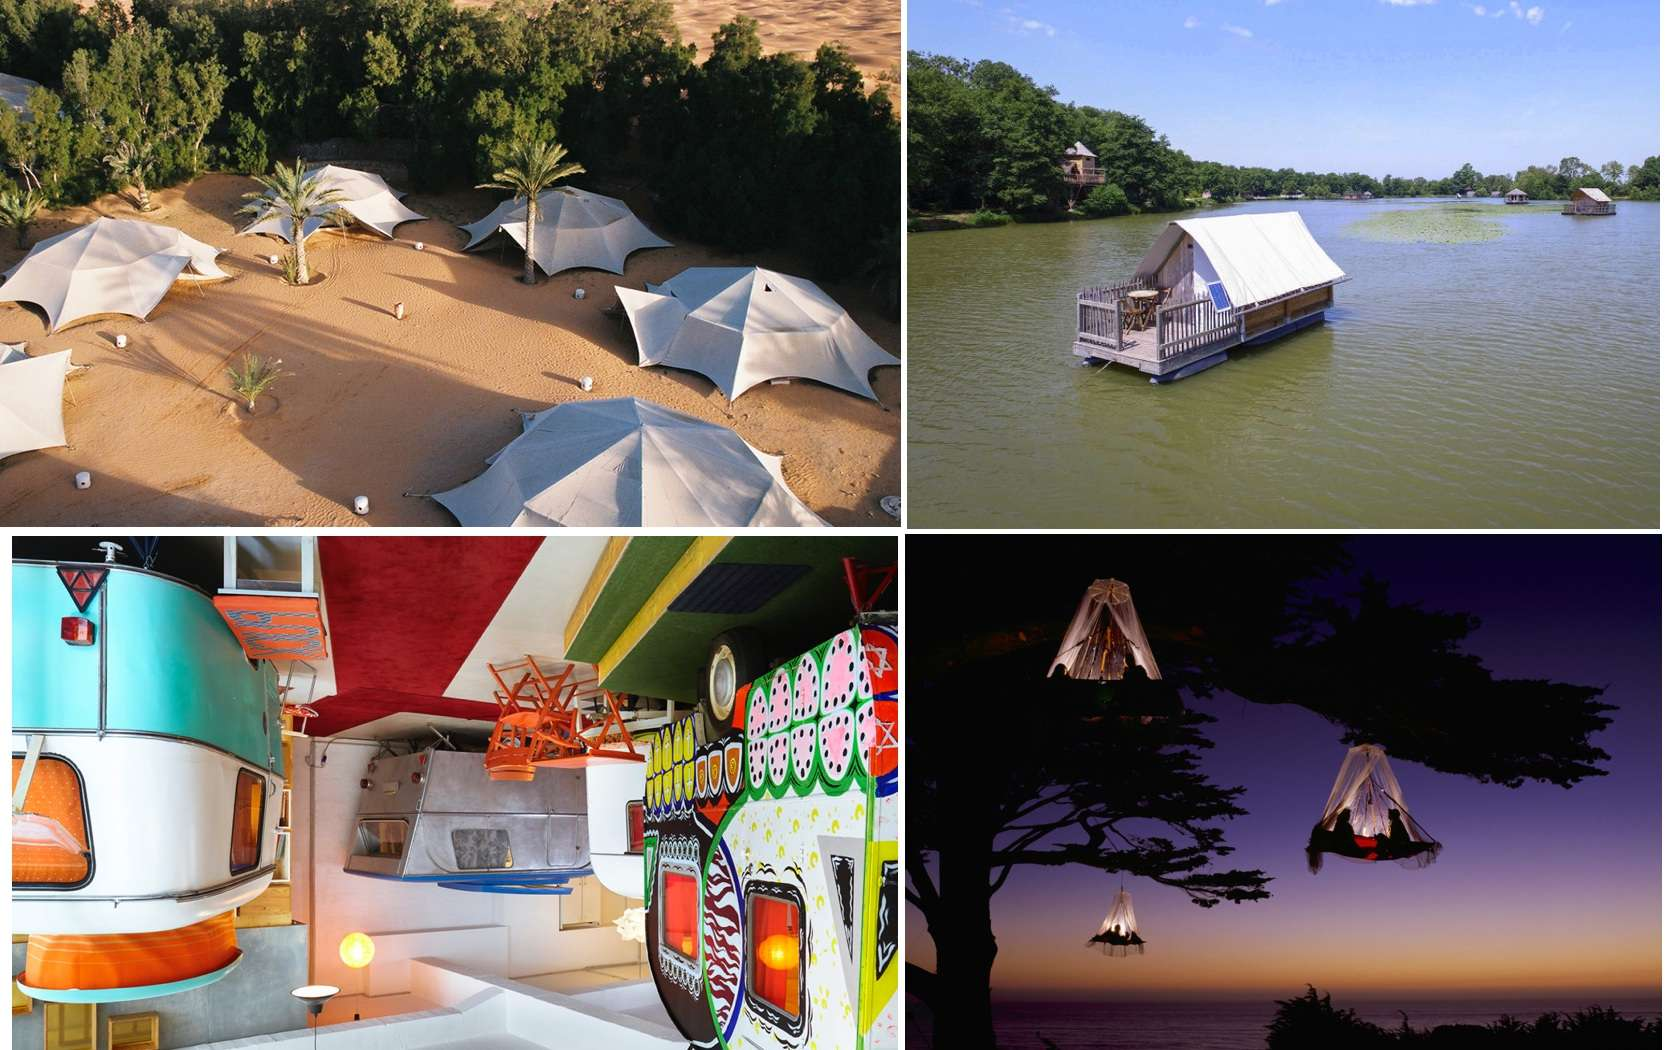 Des campings insolites autour du monde. © Domaine de la Dombes, Waldseilgarden, HüttenPalast, Atlante